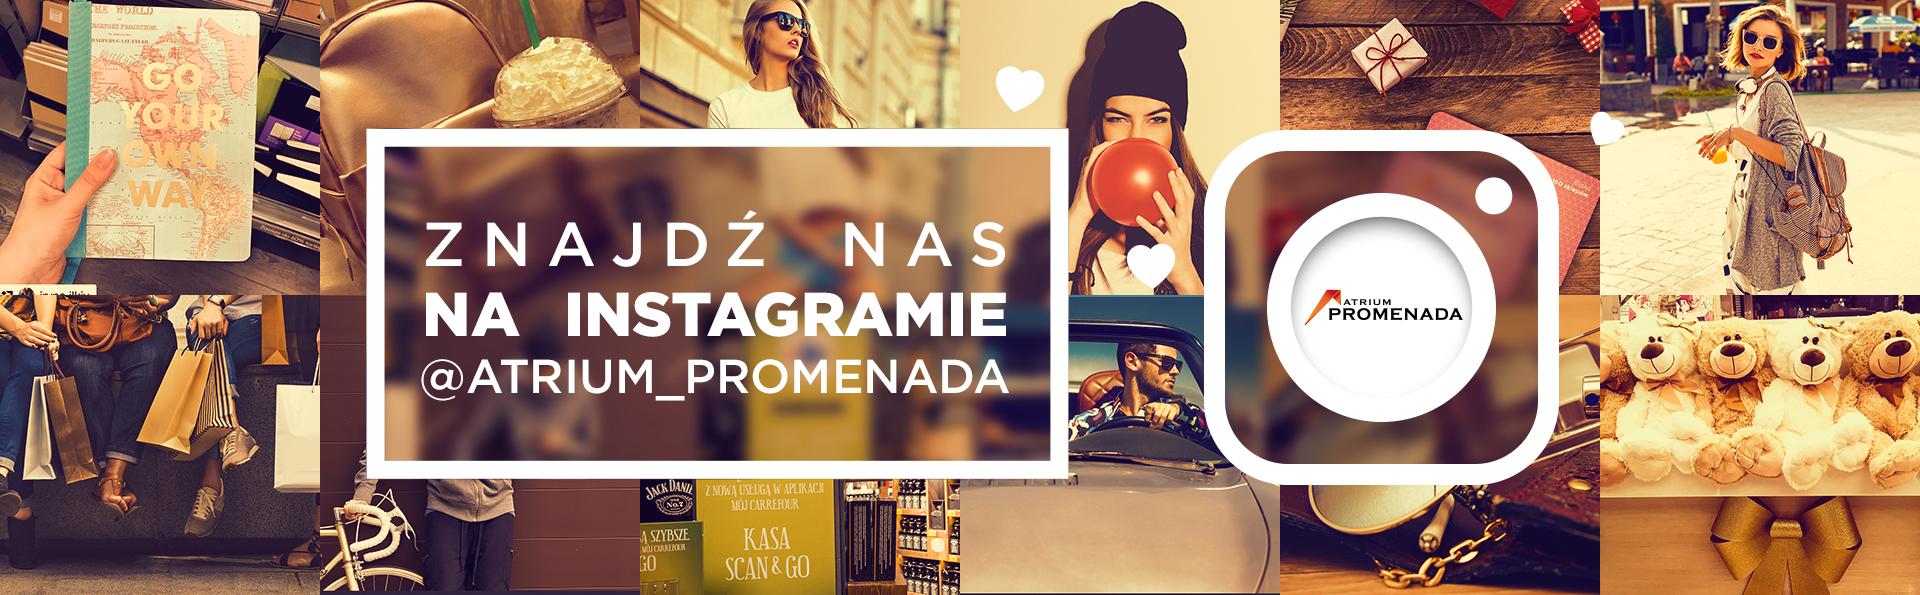 Znajdź nas na Instagramie